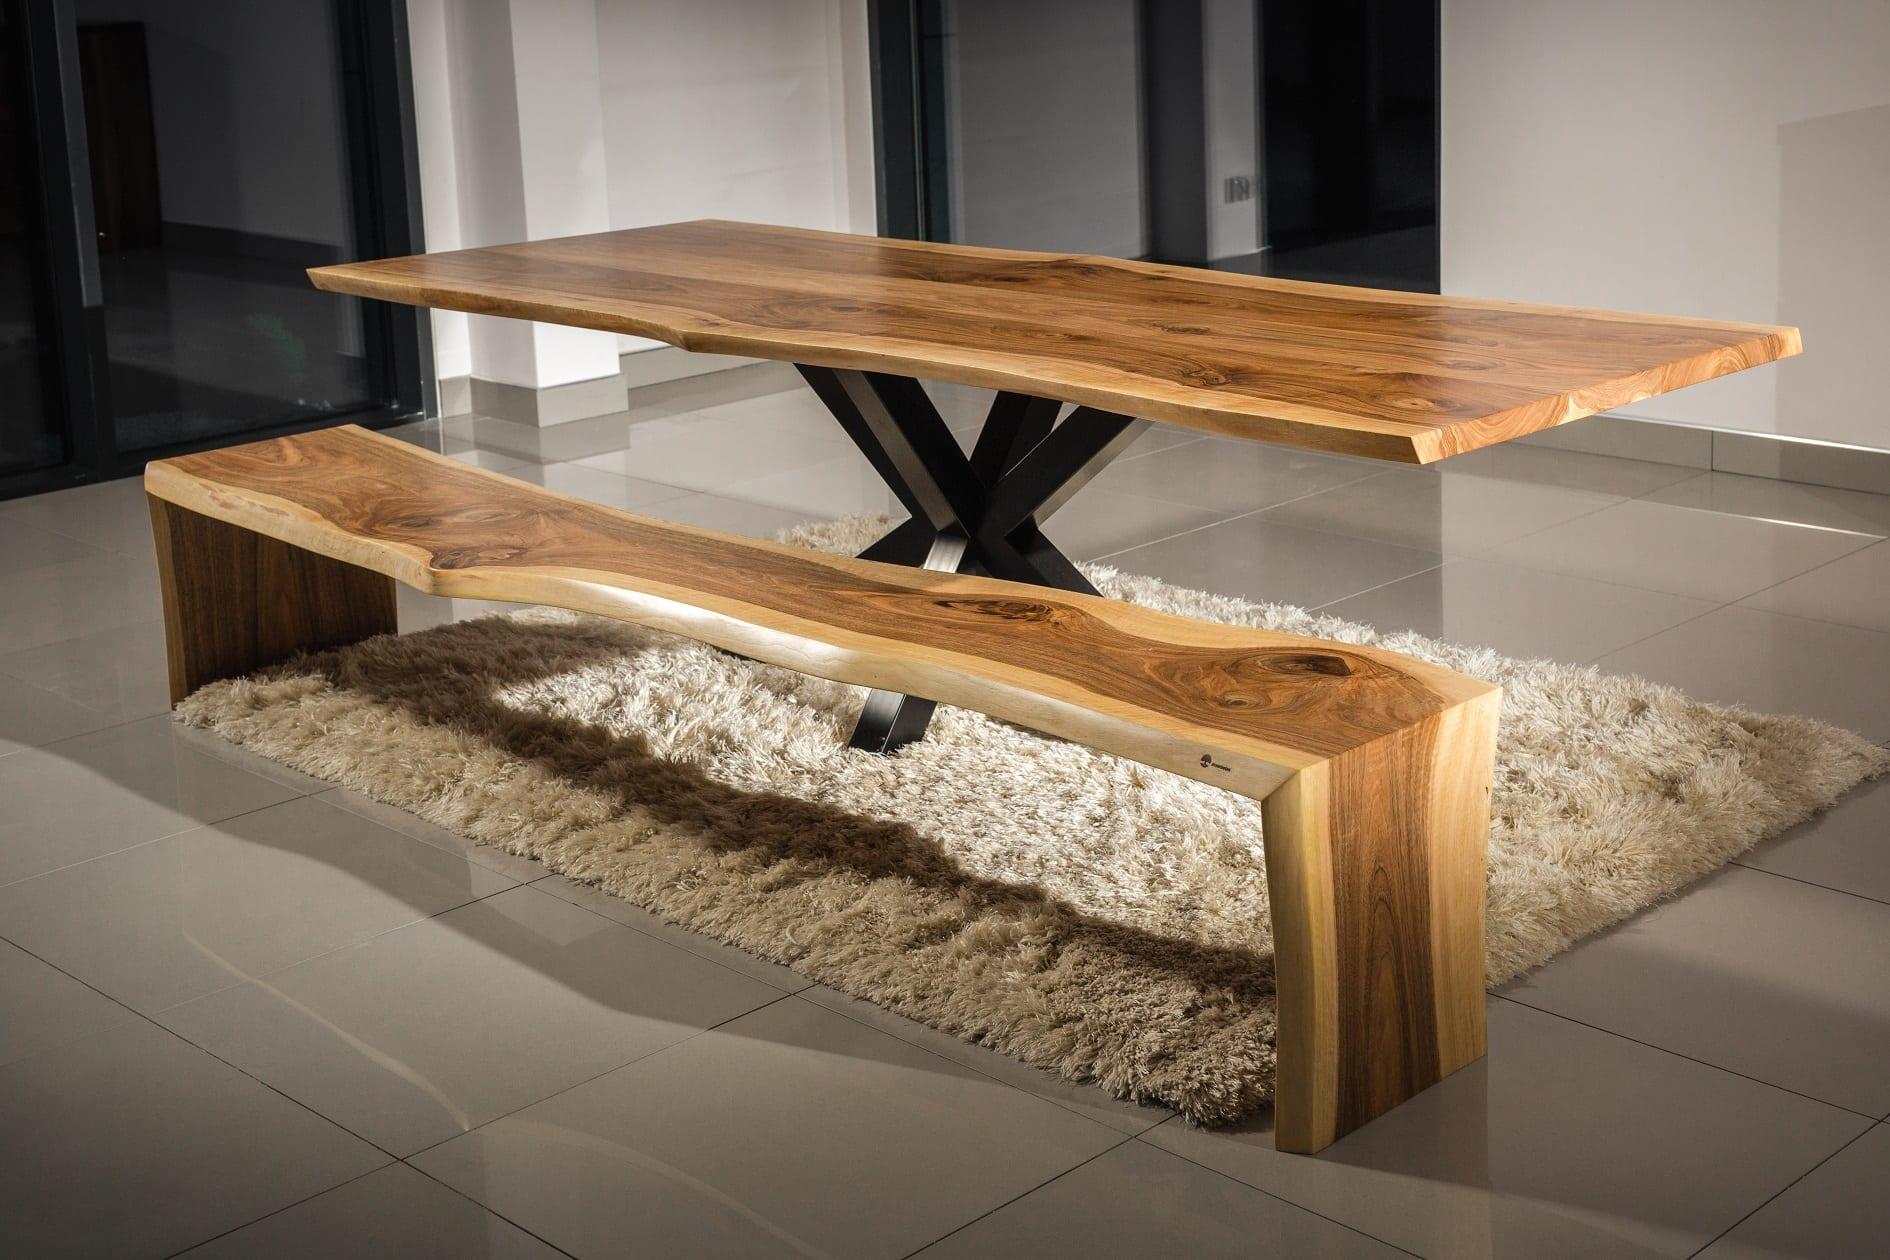 Salon meblowy Mebest Poznan, meble Drewbetex stol Heavy z drewna orzechowego